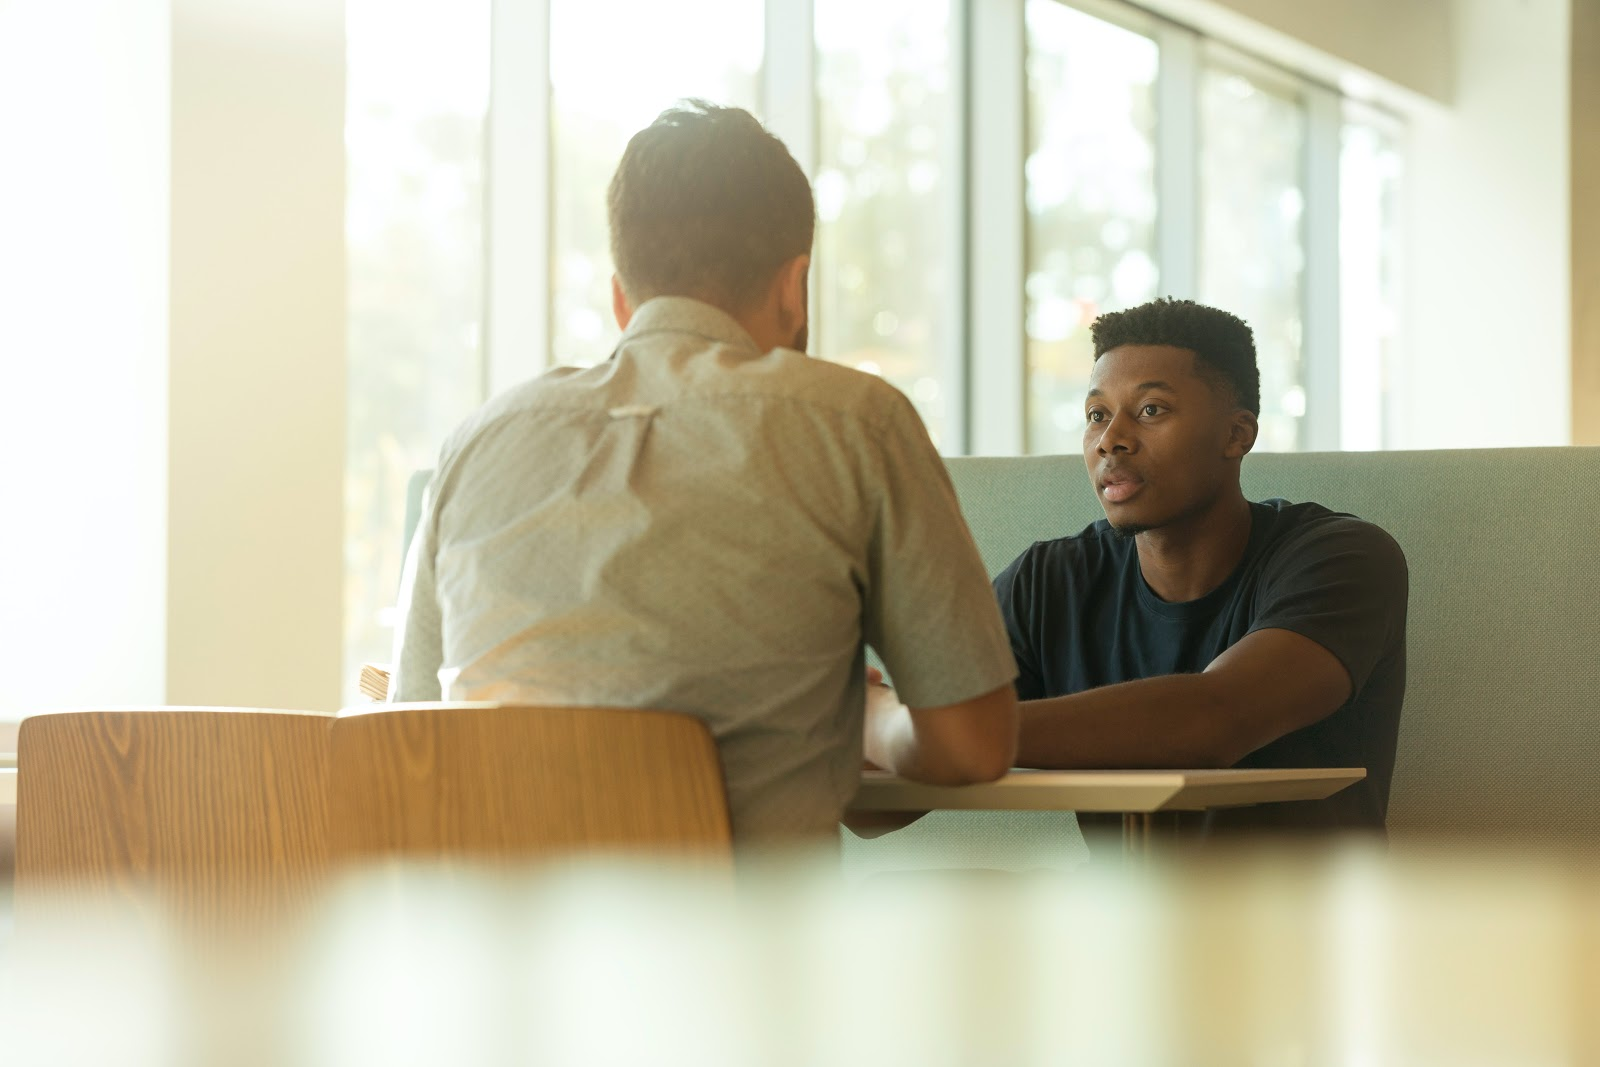 Dois homens conversando em uma mesa.